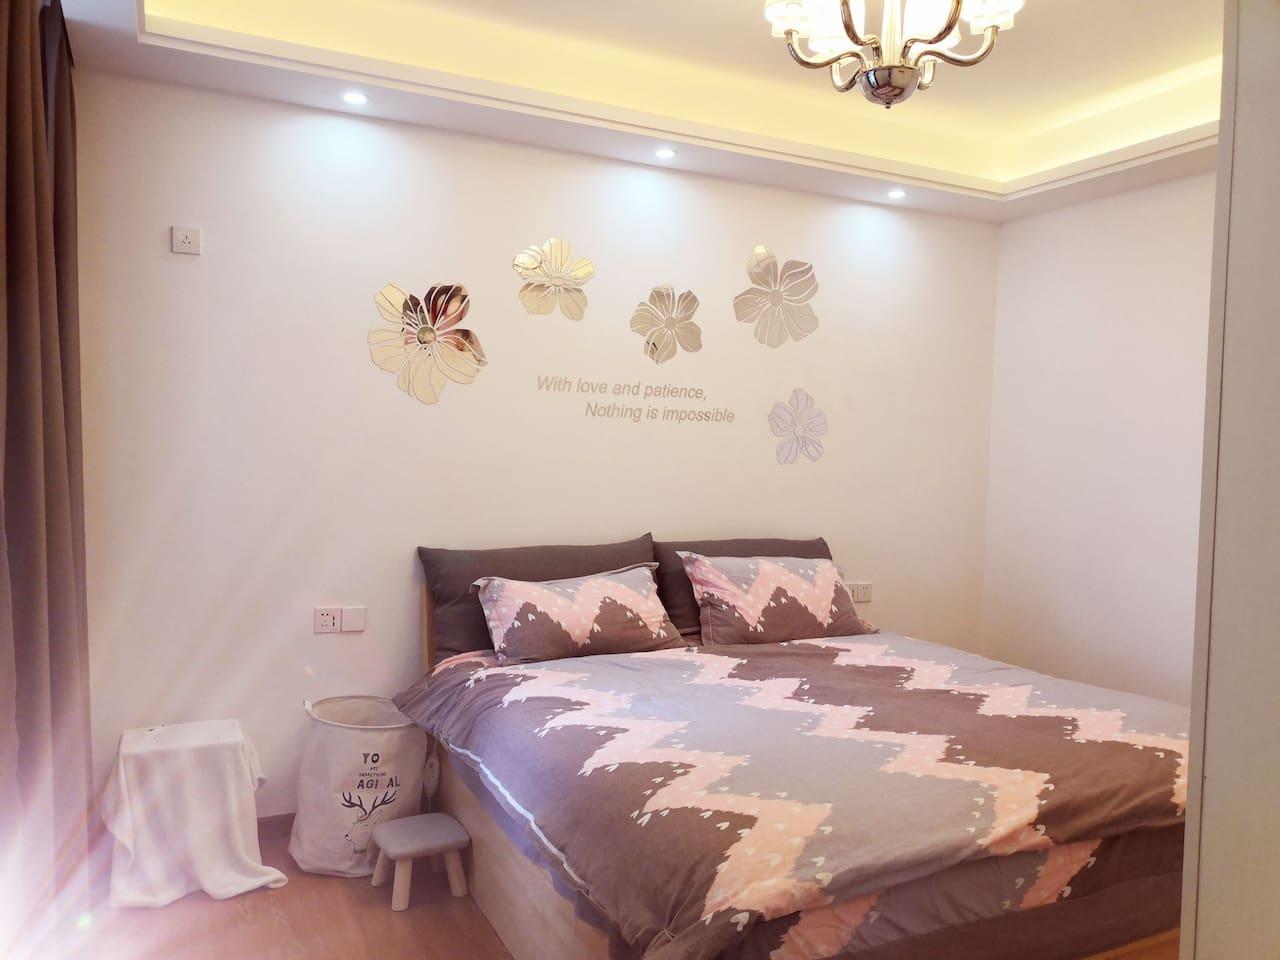 1.8米实木大床,高档品牌床上用品,客走即换。慕思床垫,全实木衣柜,带给您回家般的舒适温馨。窗户位置比较低,窗外没有护栏,请注意孩子安全,不可以靠近窗边